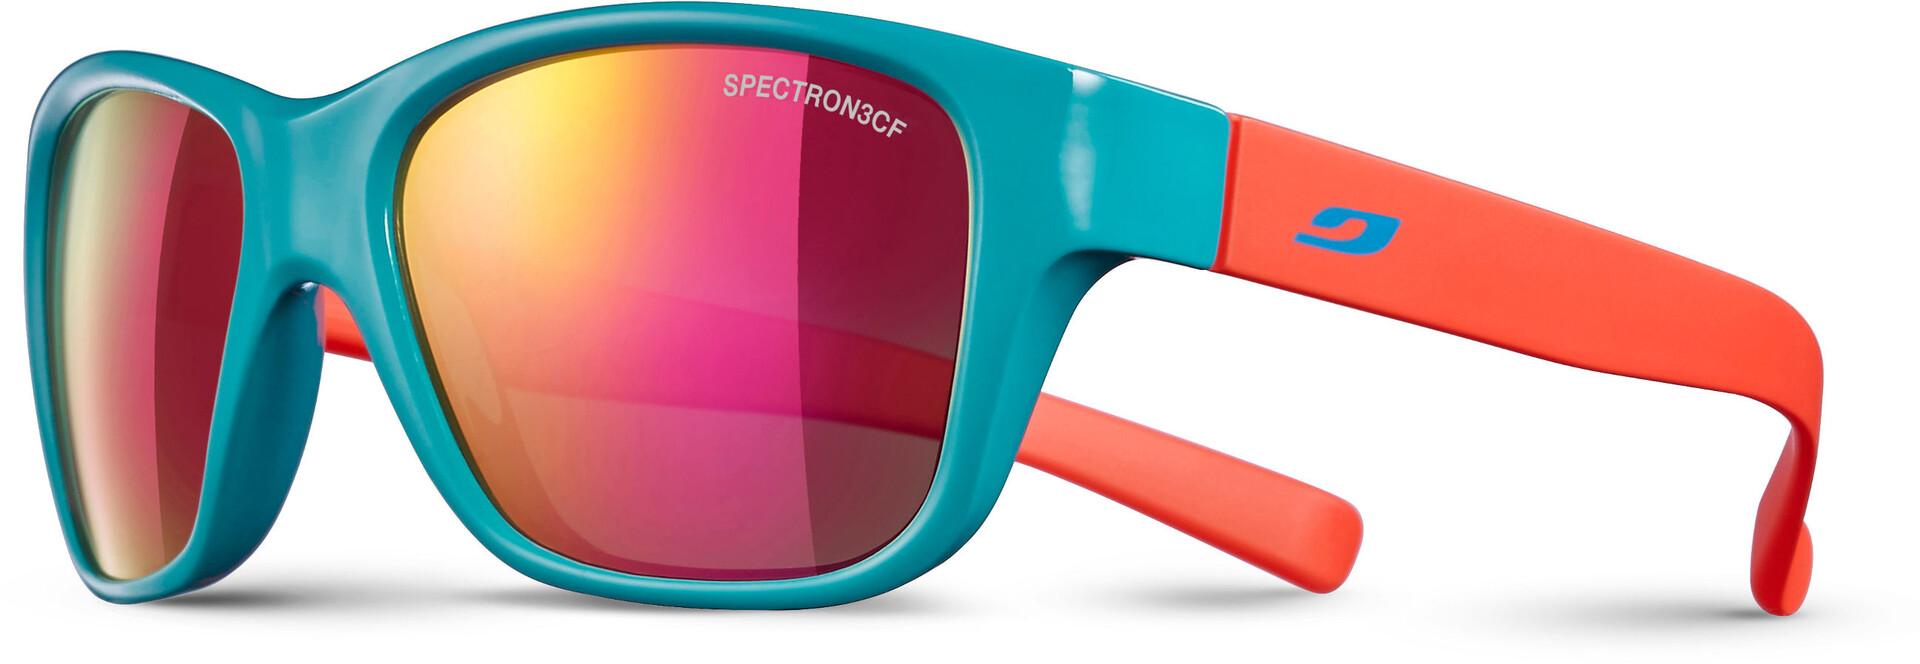 Julbo Turn Spectron 3CF Solbriller 4 8Y Børn, shiny turquoisematt coral multilayer pink